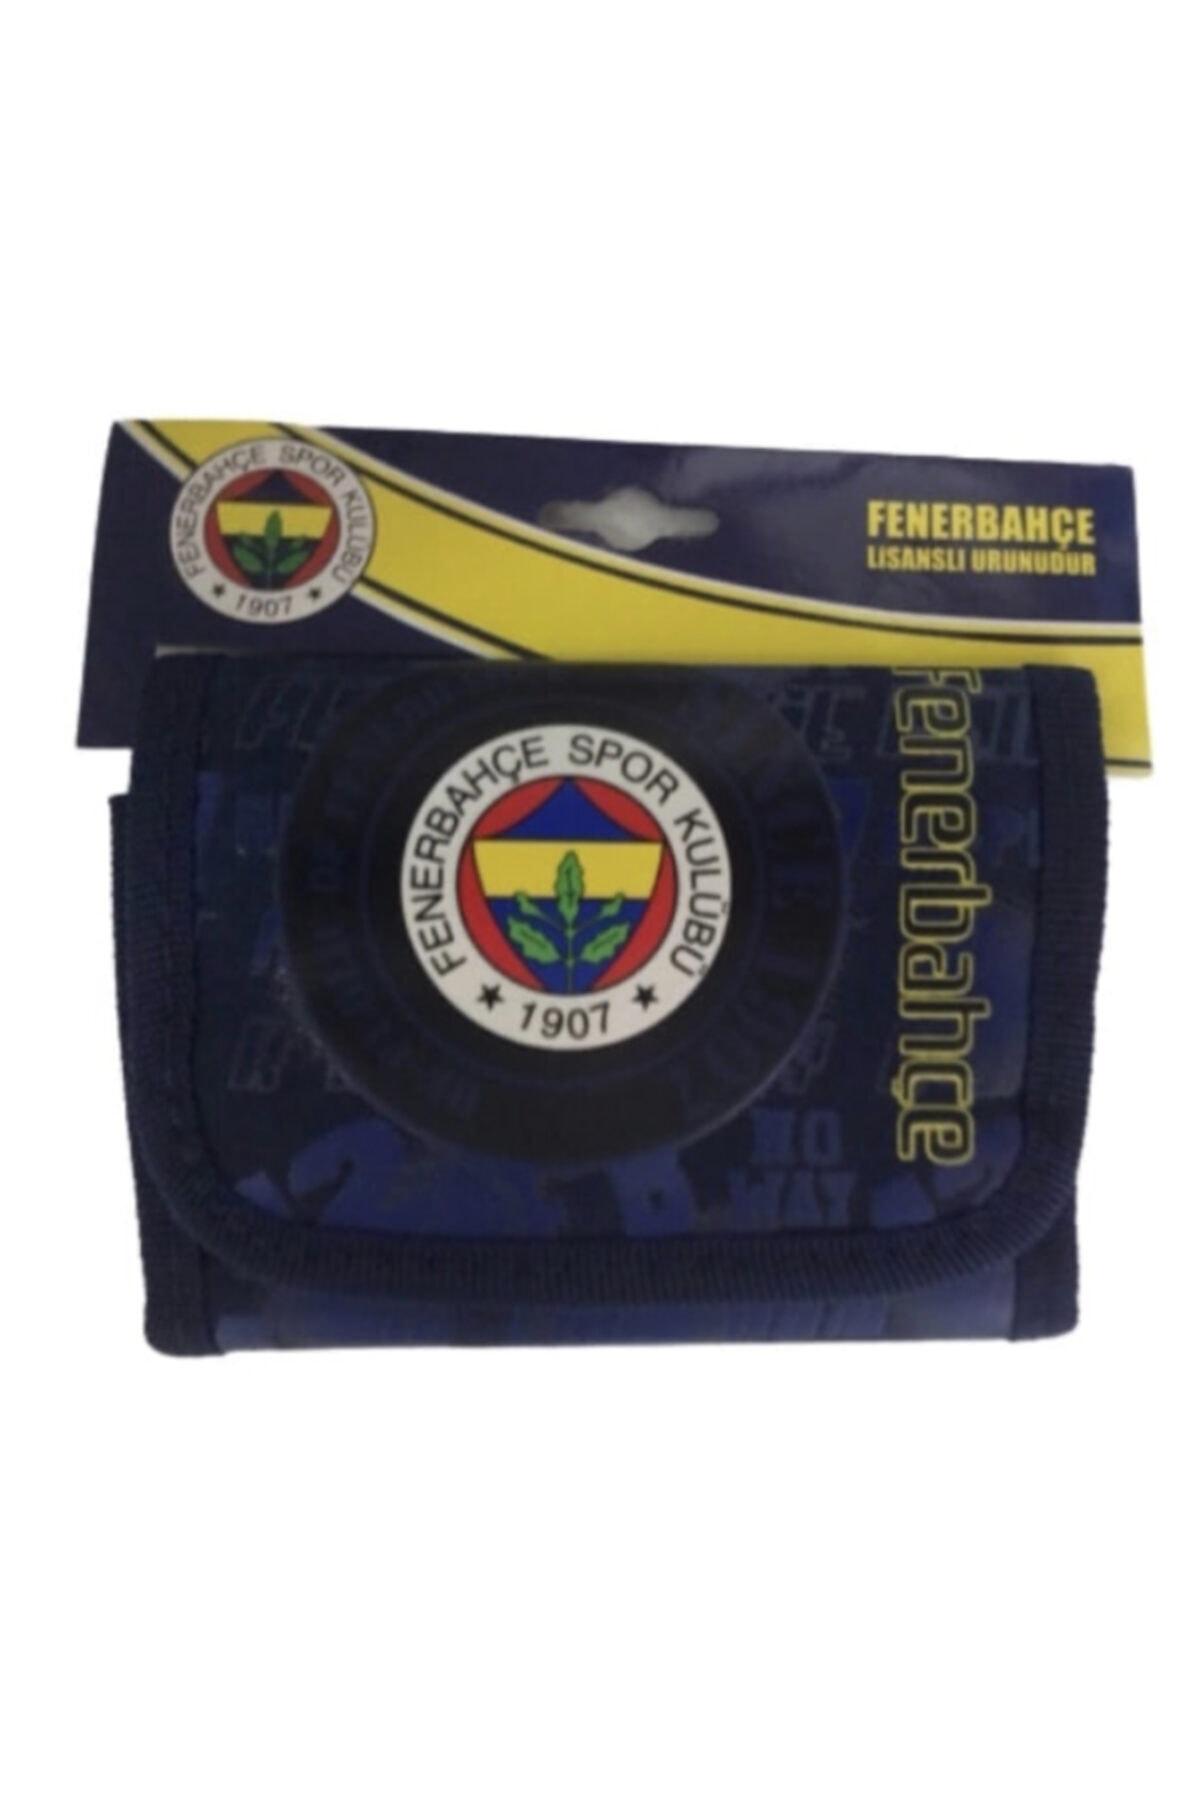 Hakan Çanta Fenerbahçe Cüzdan 64006 1